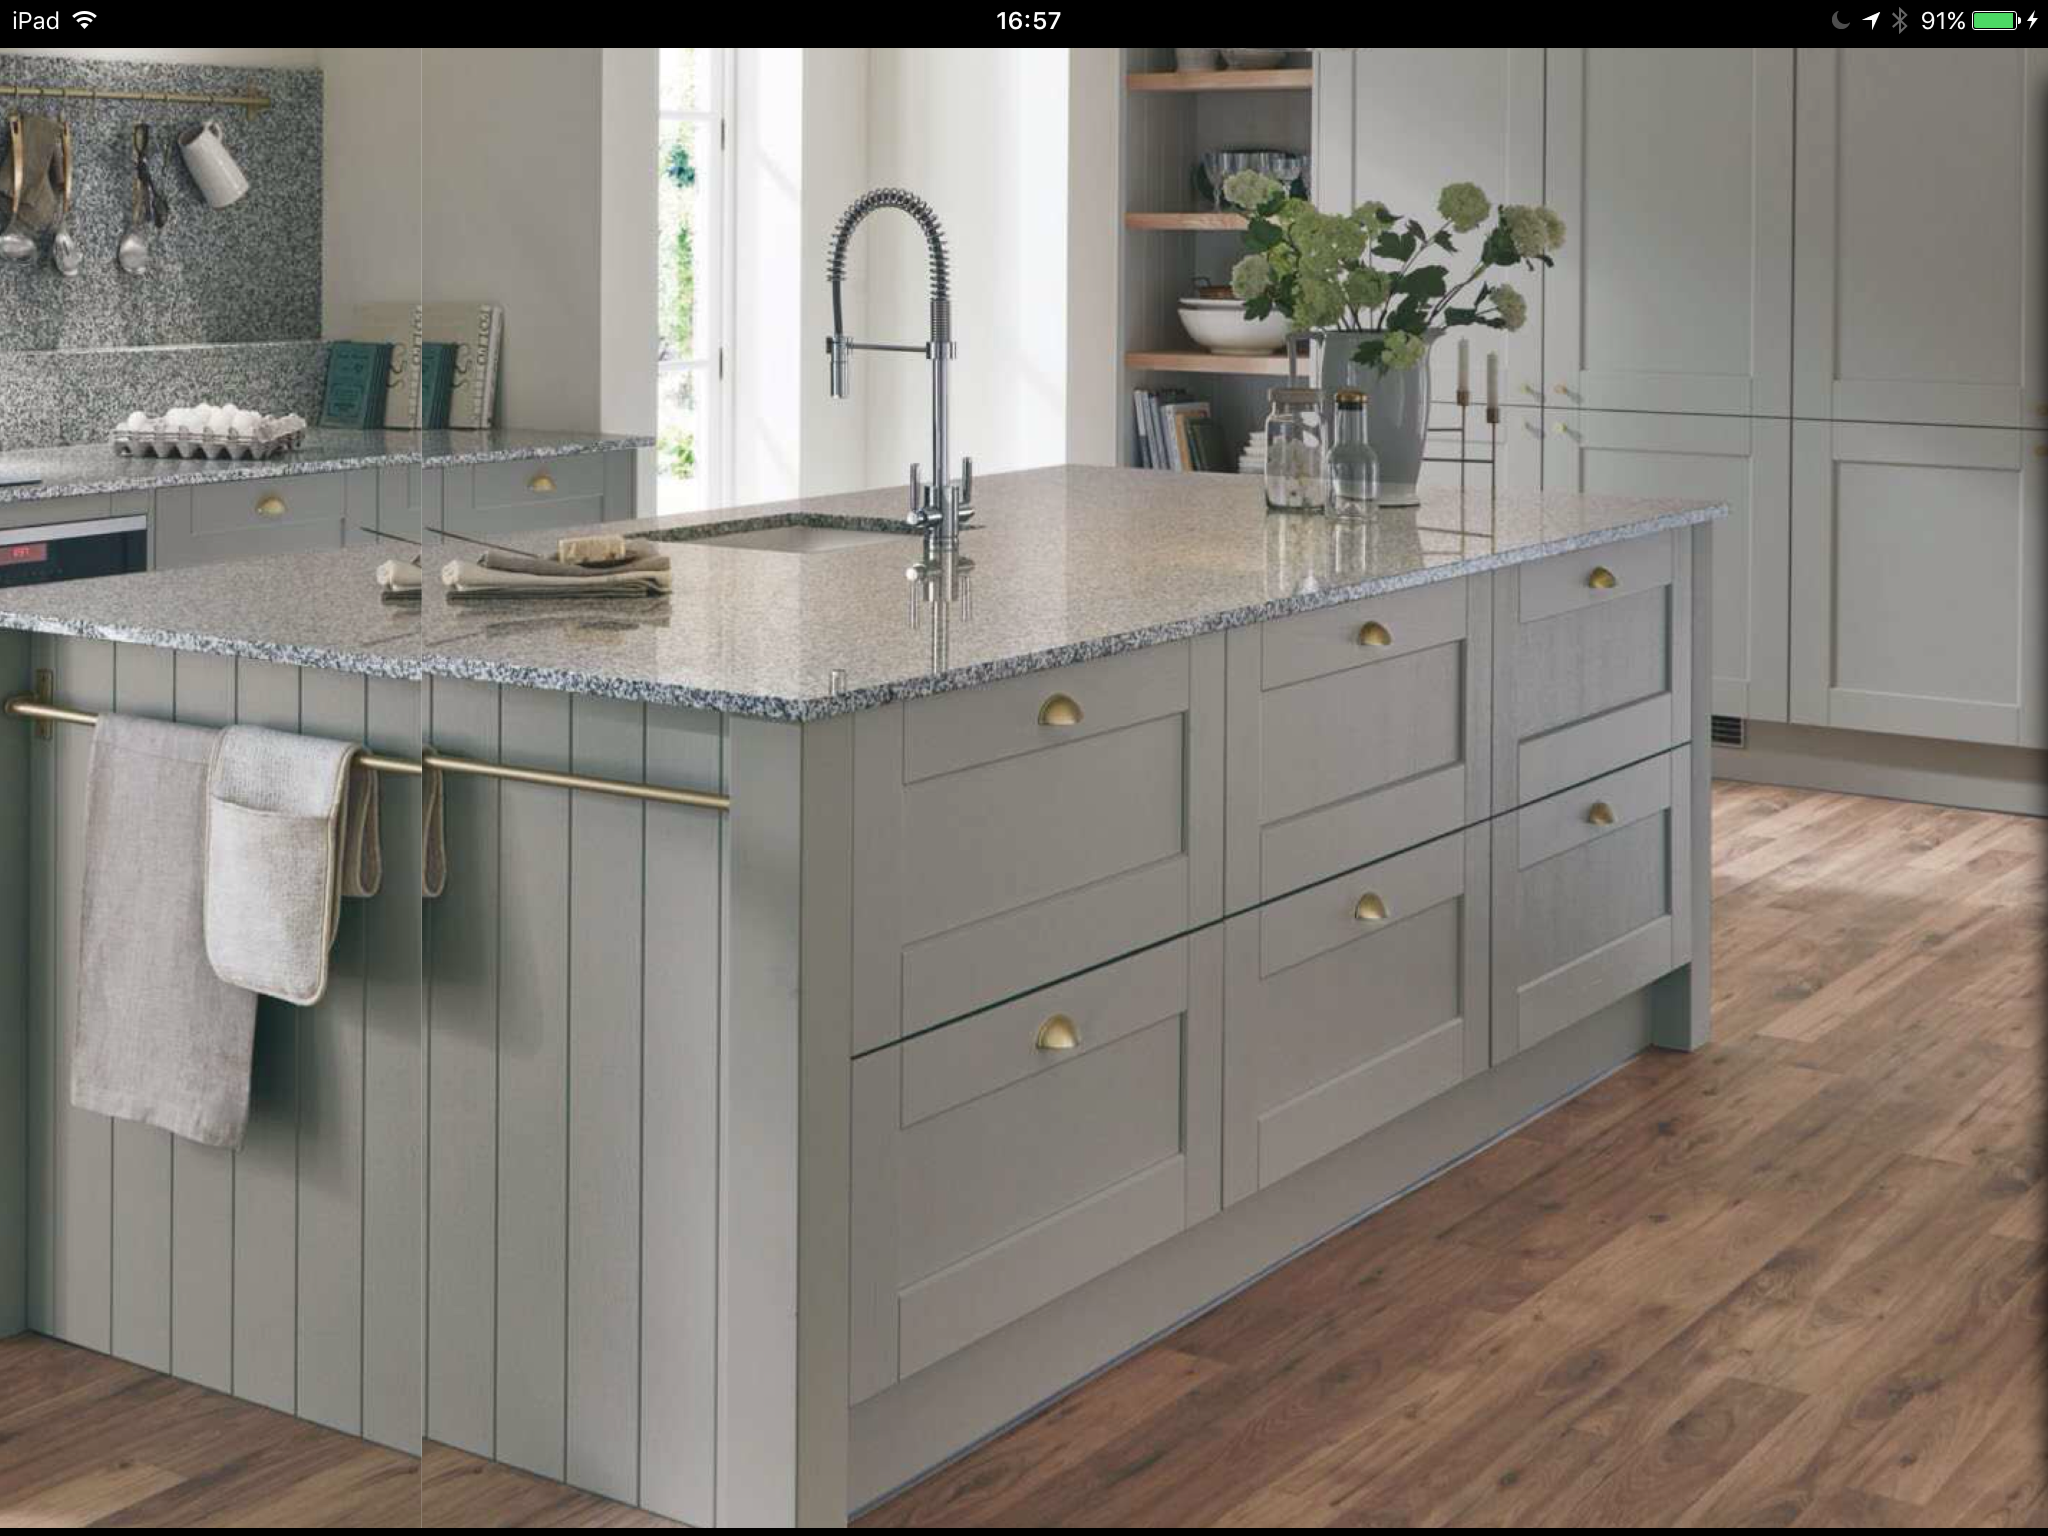 Beste Clevere Küchenspeicher Uk Fotos - Ideen Für Die Küche ...